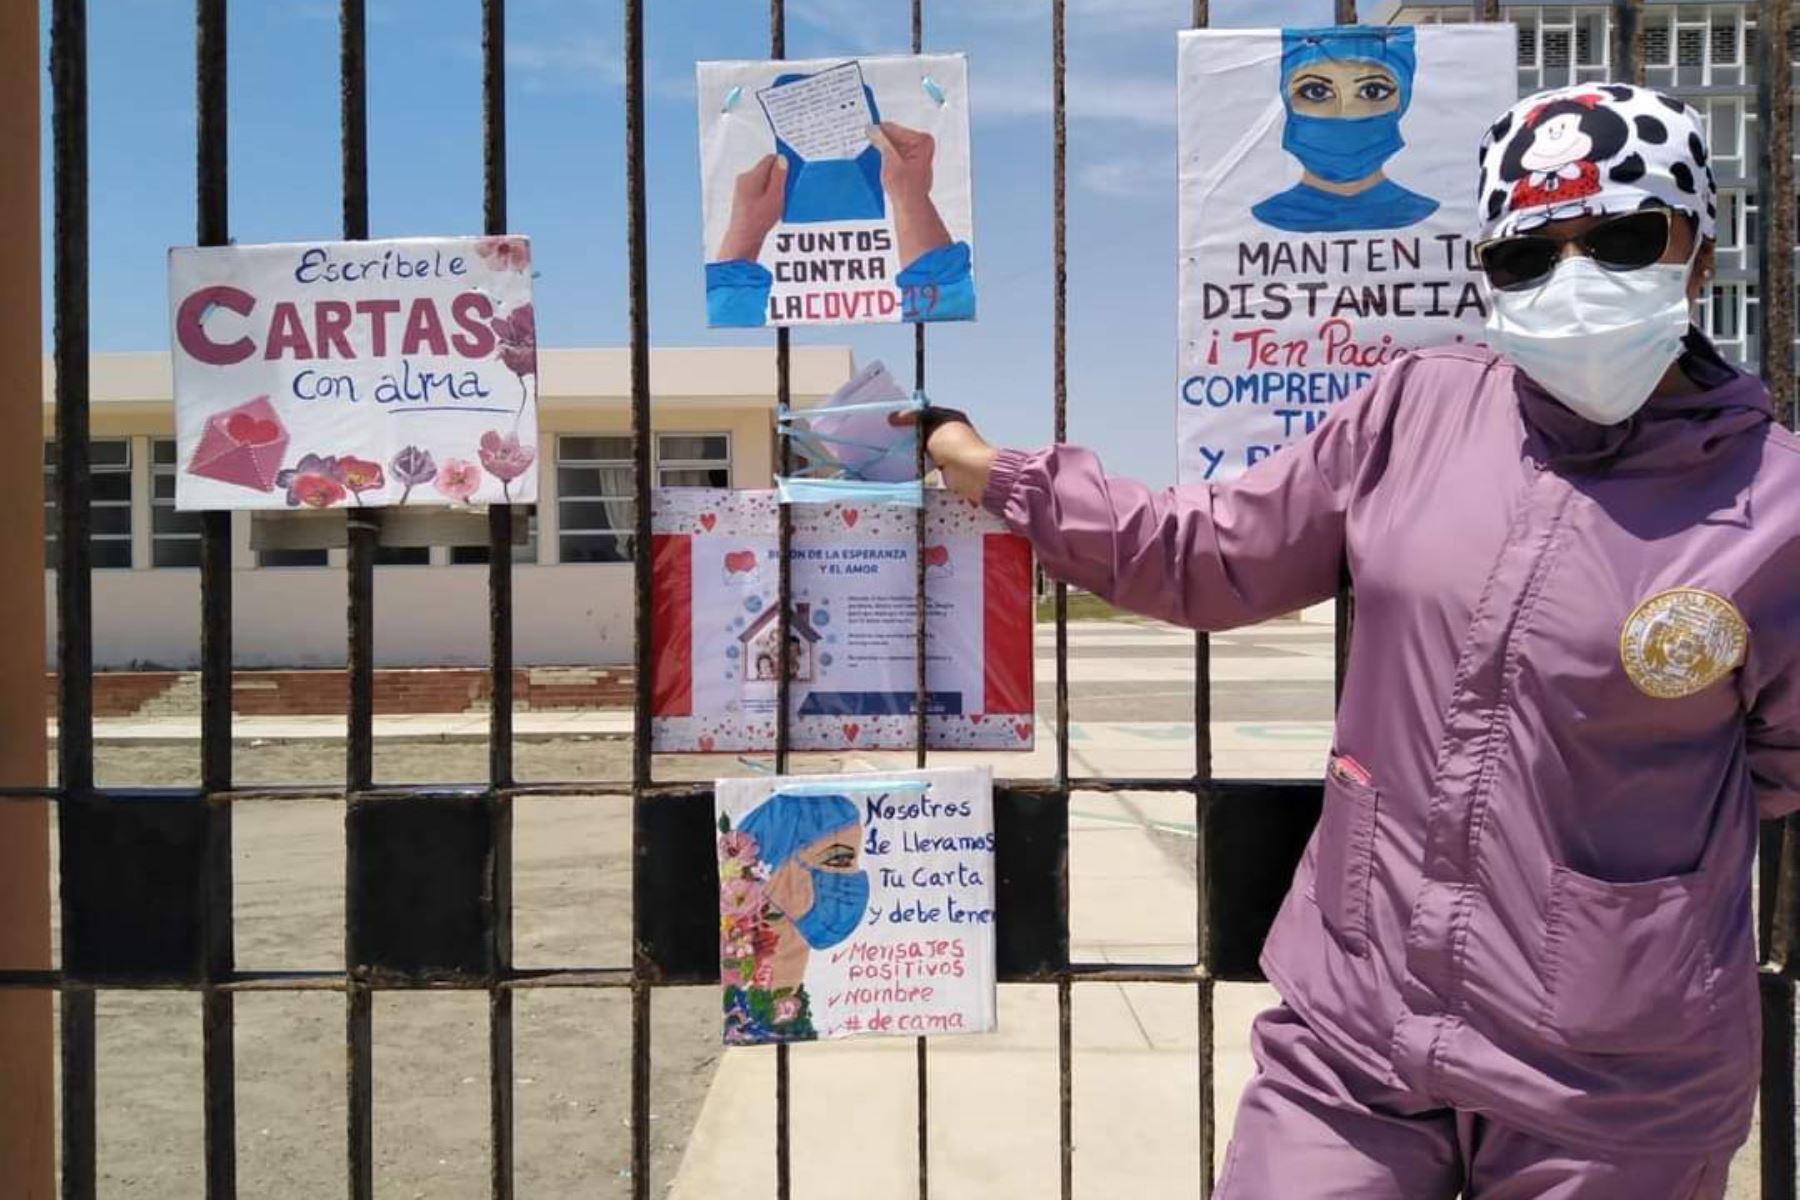 Los familiares de pacientes covid-19 hospitalizados en el nosocomio Eleazar Guzmán Barrón de Chimbote dejan mensajes alentadores en el buzón del amor y la esperanza. Foto: Cortesía Gonzalo Horna